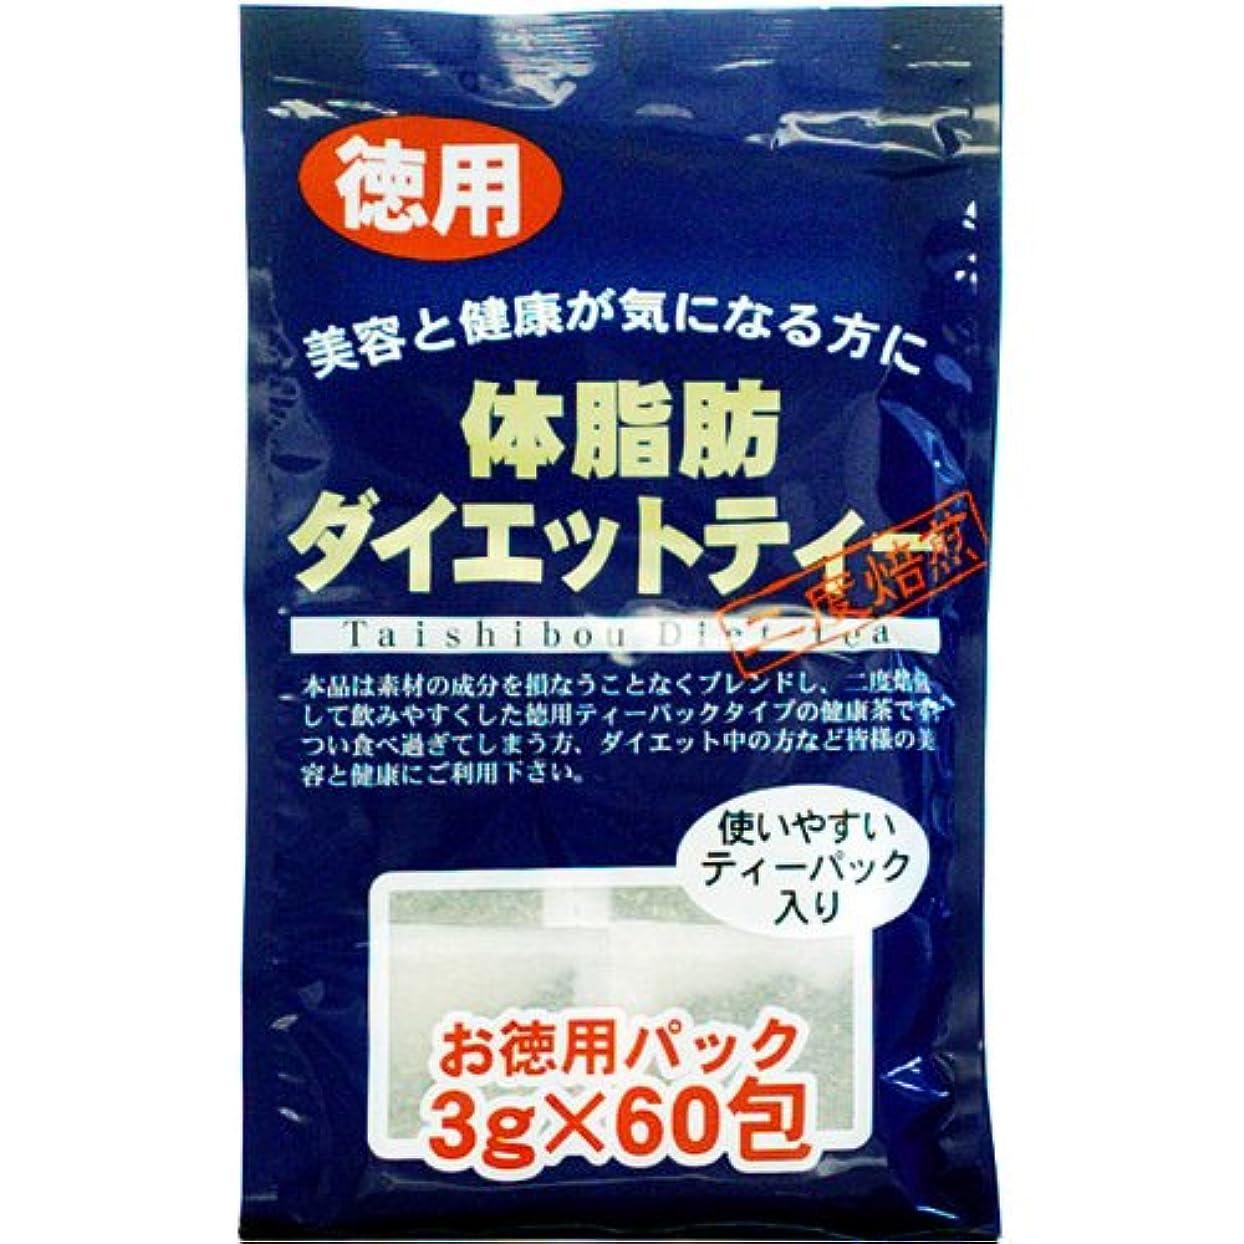 凝視雨ブートユウキ製薬(株)徳用 体脂肪ダイエットティー10個セット